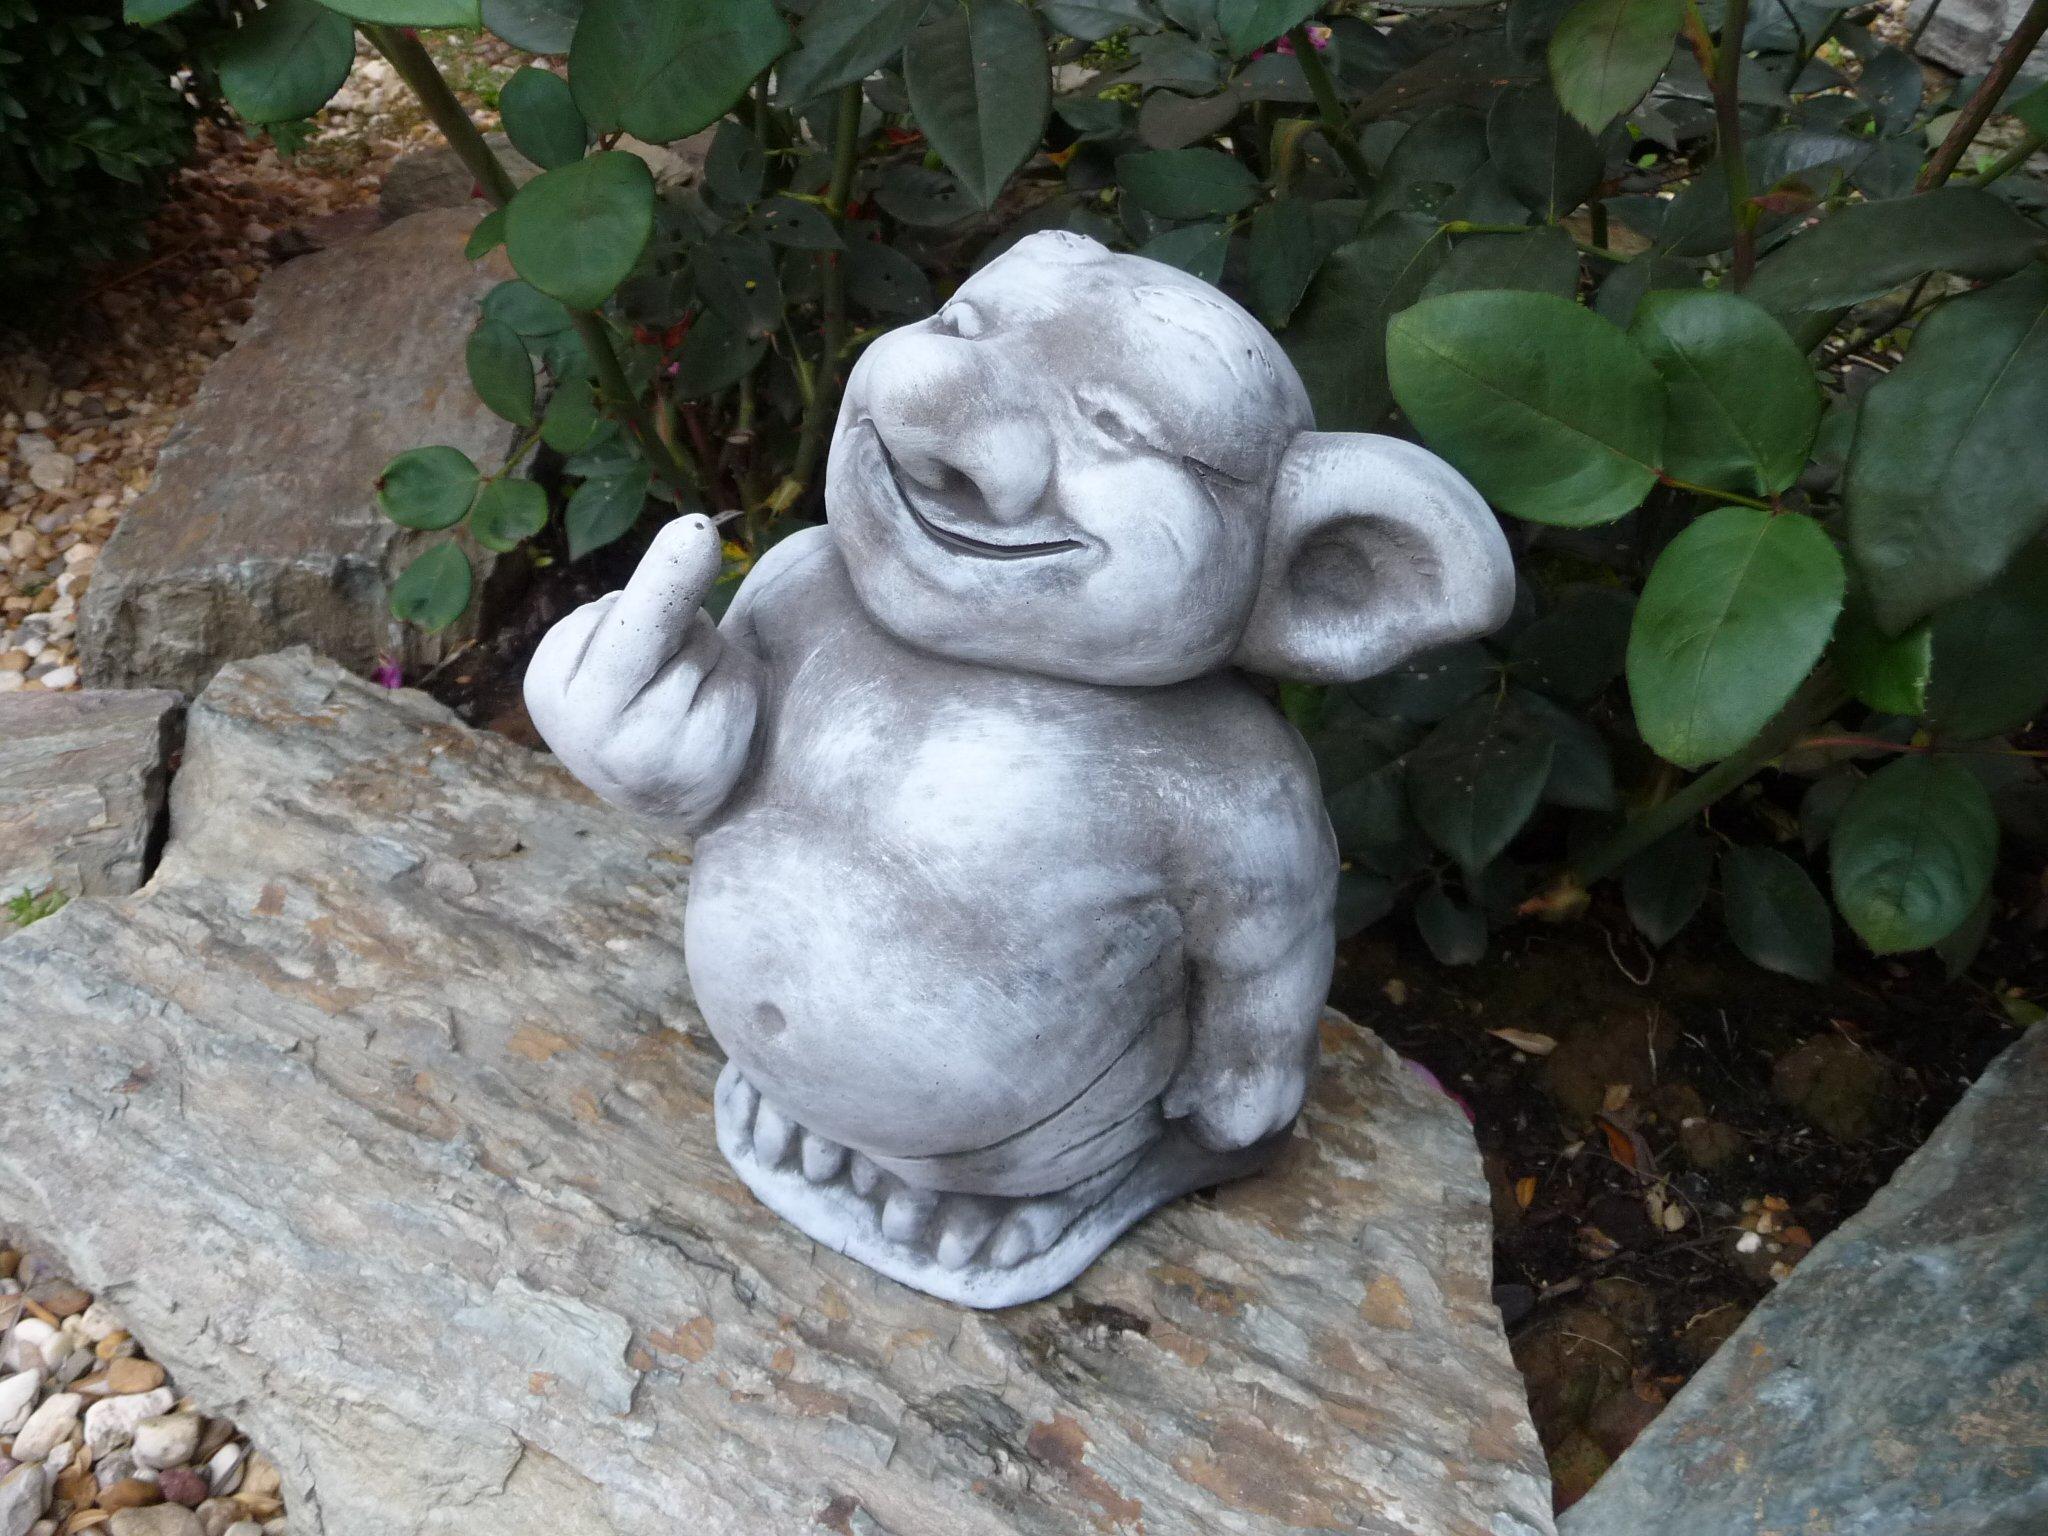 piedra Figura TROLL gnomo Jardín figuras para decoración del jardín estanque Fantasía Figura Figura de piedra Figura TROLL gnomo figuras para jardín decoración de jardín Fantasía piedra figuras: Amazon.es: Jardín